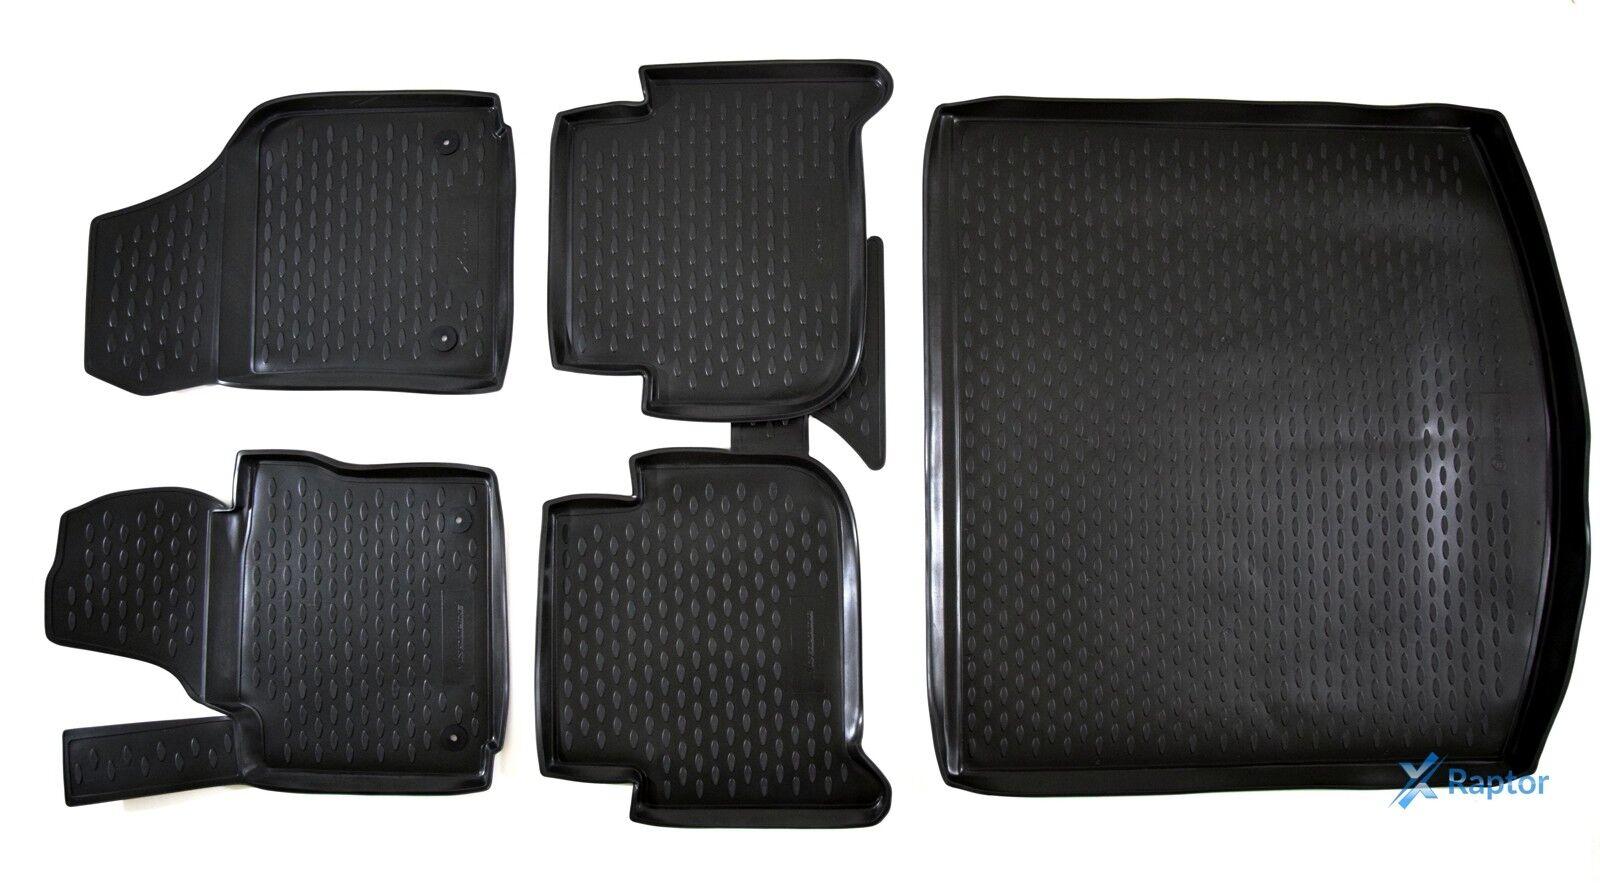 Kofferraumwanne SET 5 teilig für VW Touran 1T ab Bj.2003 bis 2015 Gummimatten